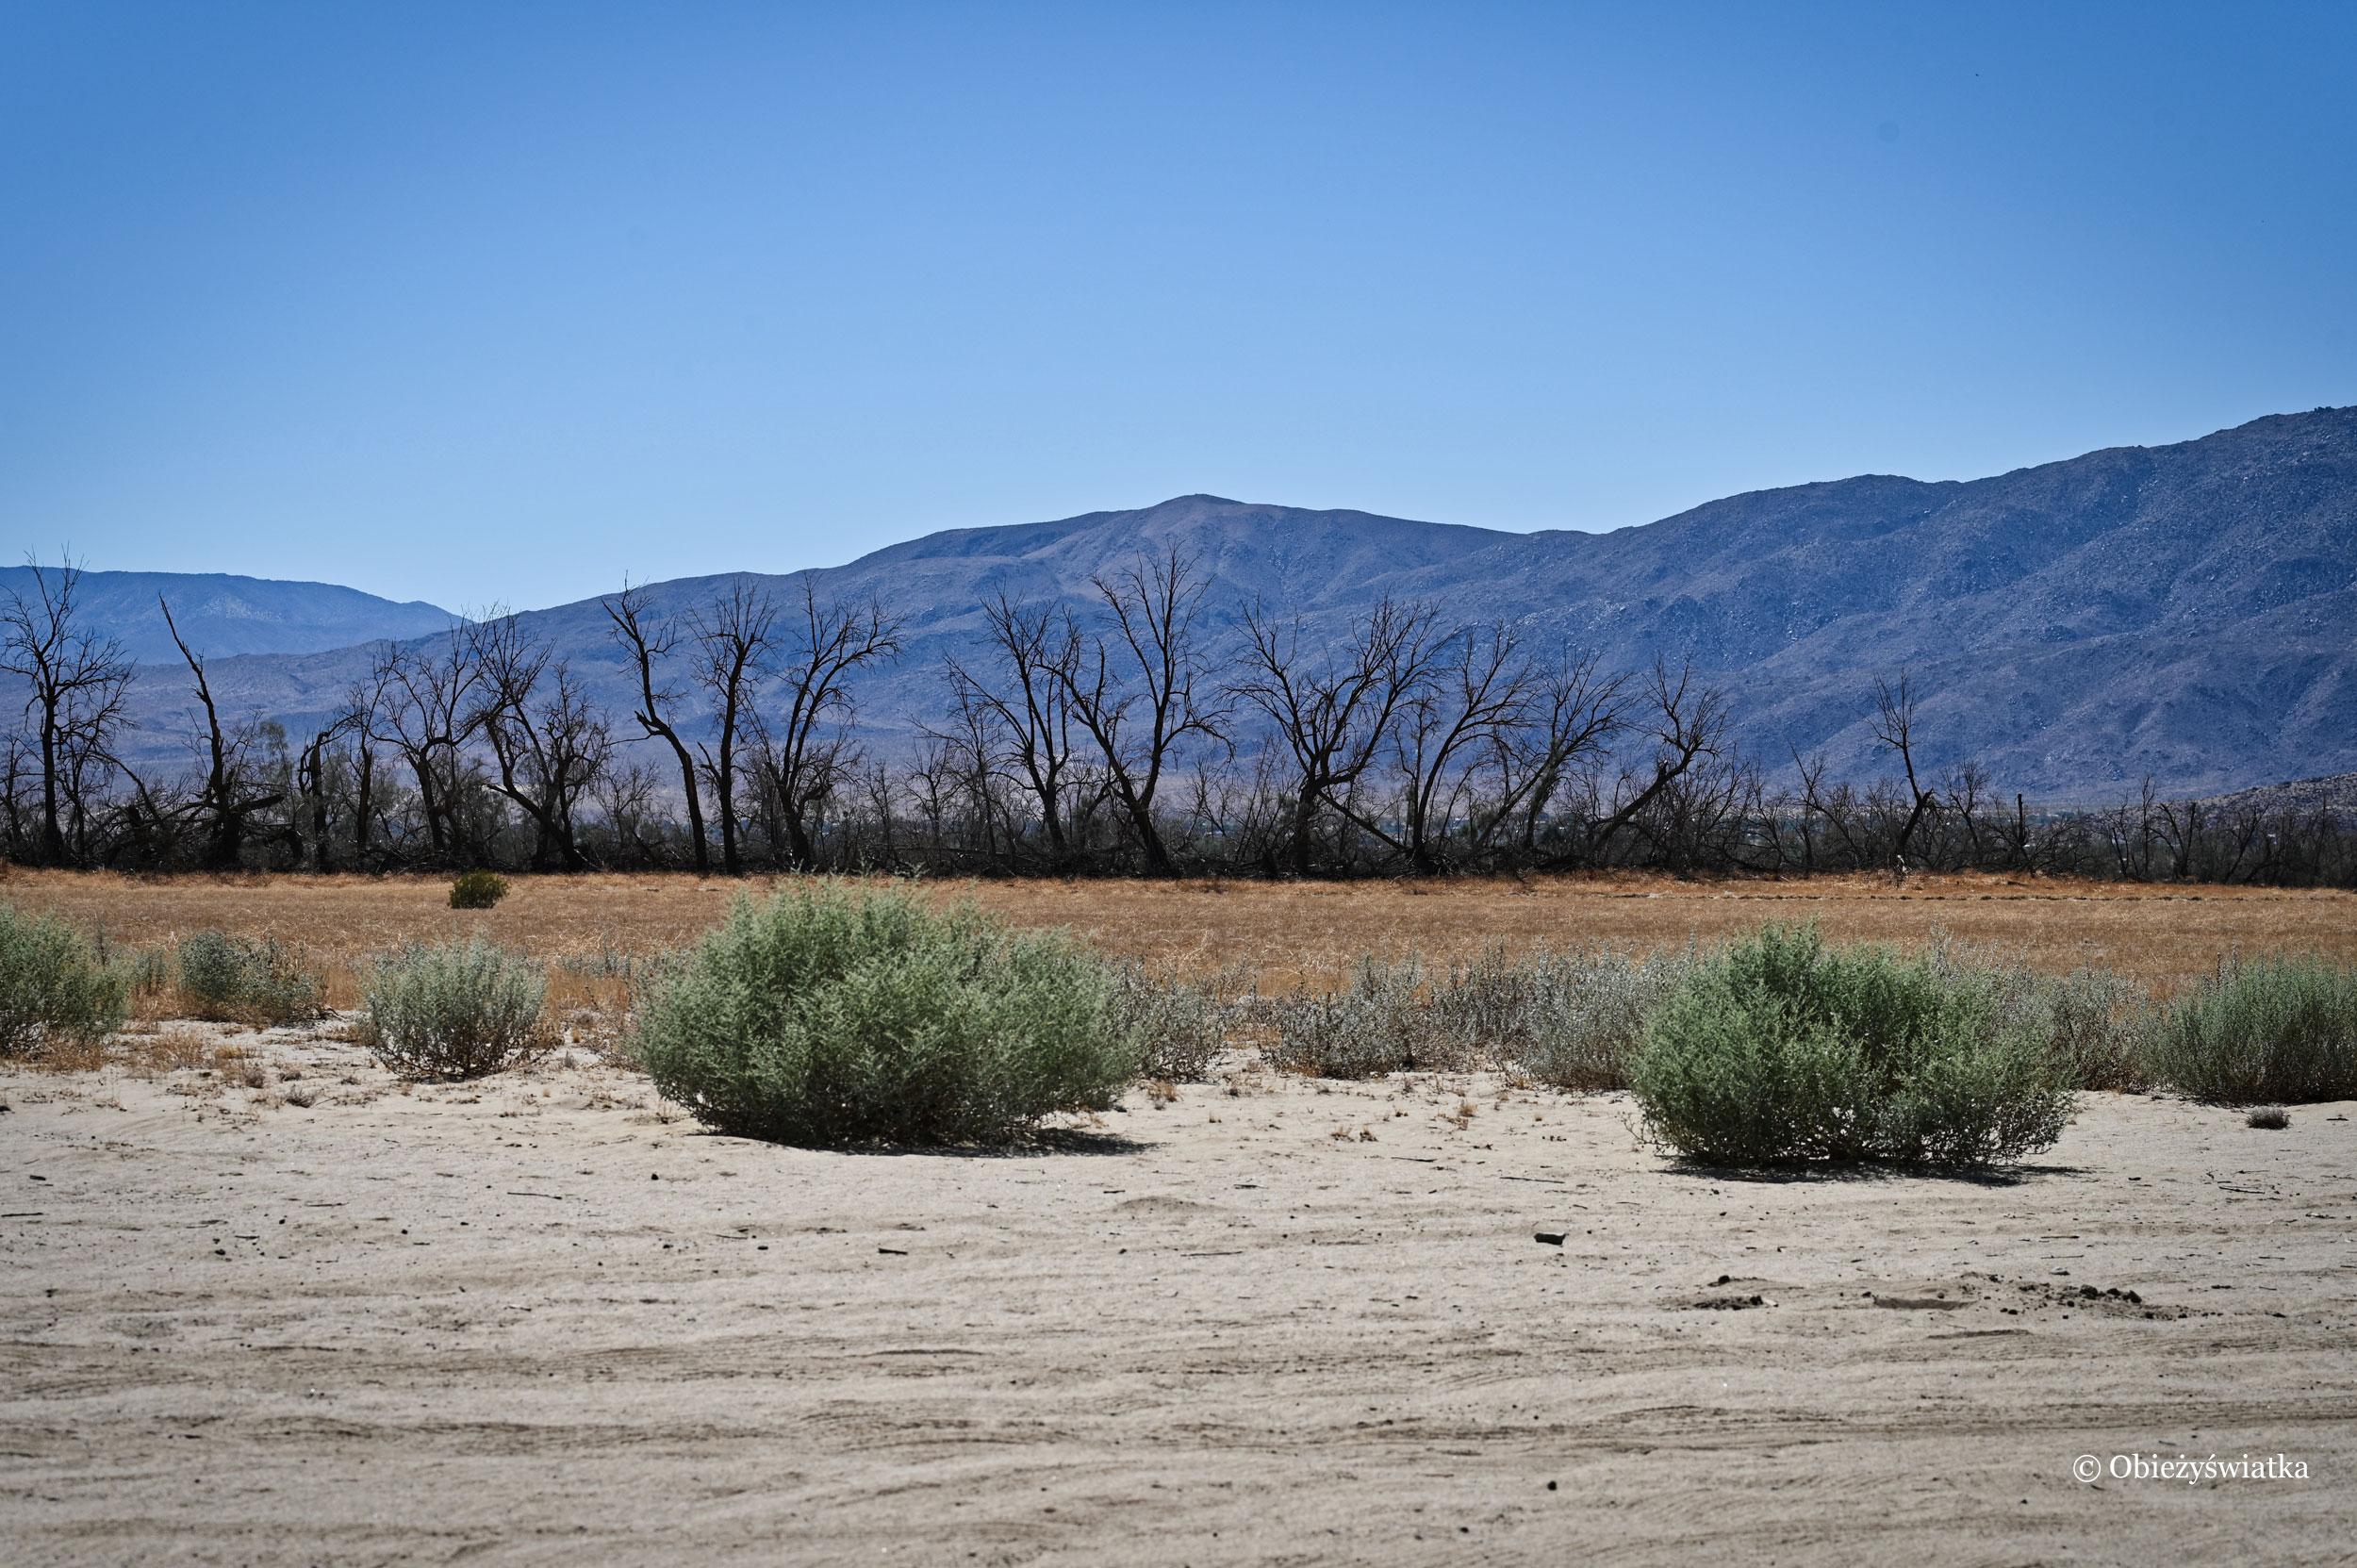 Między pustynią a oazą, Borrego Springs